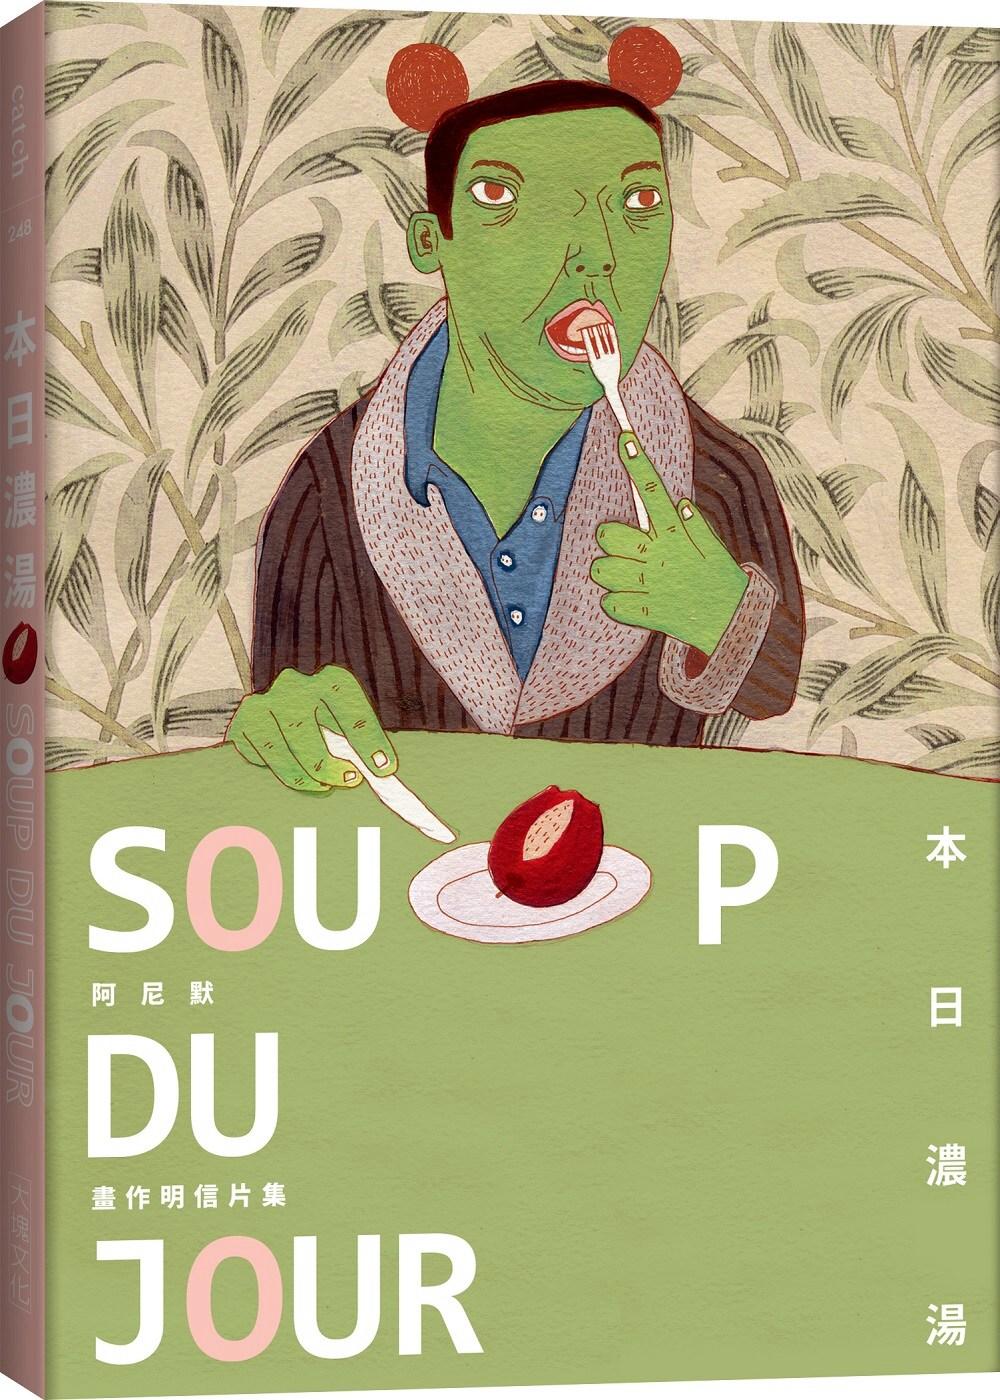 SOUP DU JOUR 本日濃湯:阿尼默畫作明信片集